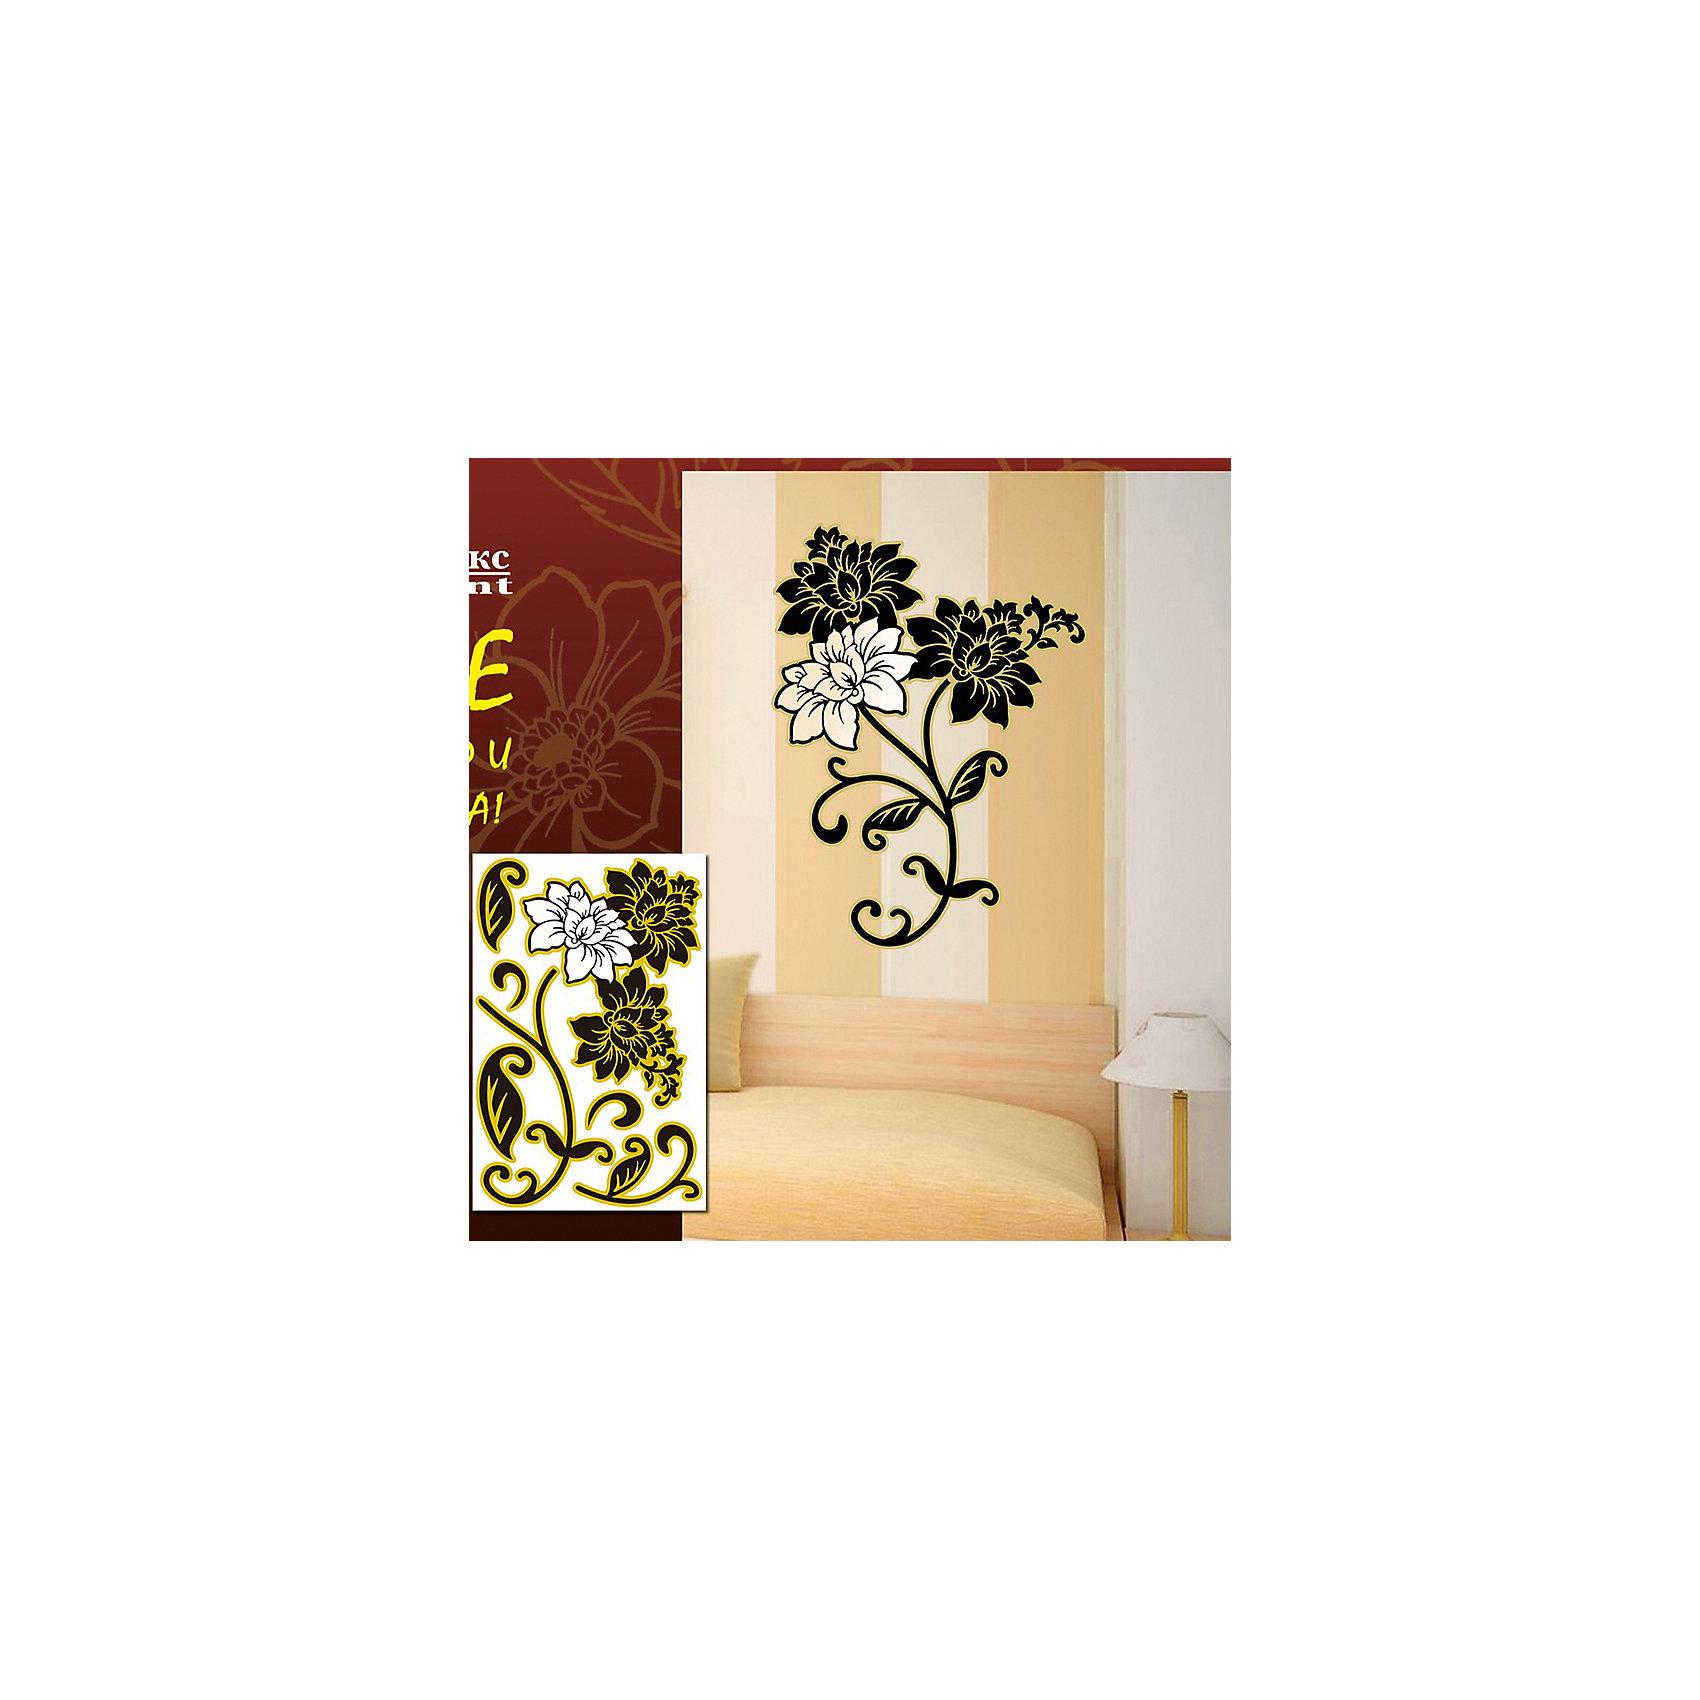 Декораттивная наклейка на стену Цветы (33,5*52 см)С помощью декоративной наклейки на стену Цветы вы сможете украсить интерьер комнаты по своему усмотрению. Рисунок-орнамент в виде цветов на прозрачной пленке легко наносится на стену и позволит вам создать свой собственный оригинальный дизайн!<br><br>Дополнительная информация:<br>Материал: пленка ПВХ<br>Размер упаковки: 40х54х0,5 см<br>Размер украшения: 33,5х52 см<br>Вес: 165 грамм<br>Декоративную наклейку на стену Цветы вы можете приобрести в нашем интернет-магазине.<br><br>Ширина мм: 300<br>Глубина мм: 560<br>Высота мм: 390<br>Вес г: 160<br>Возраст от месяцев: 84<br>Возраст до месяцев: 216<br>Пол: Унисекс<br>Возраст: Детский<br>SKU: 4957934